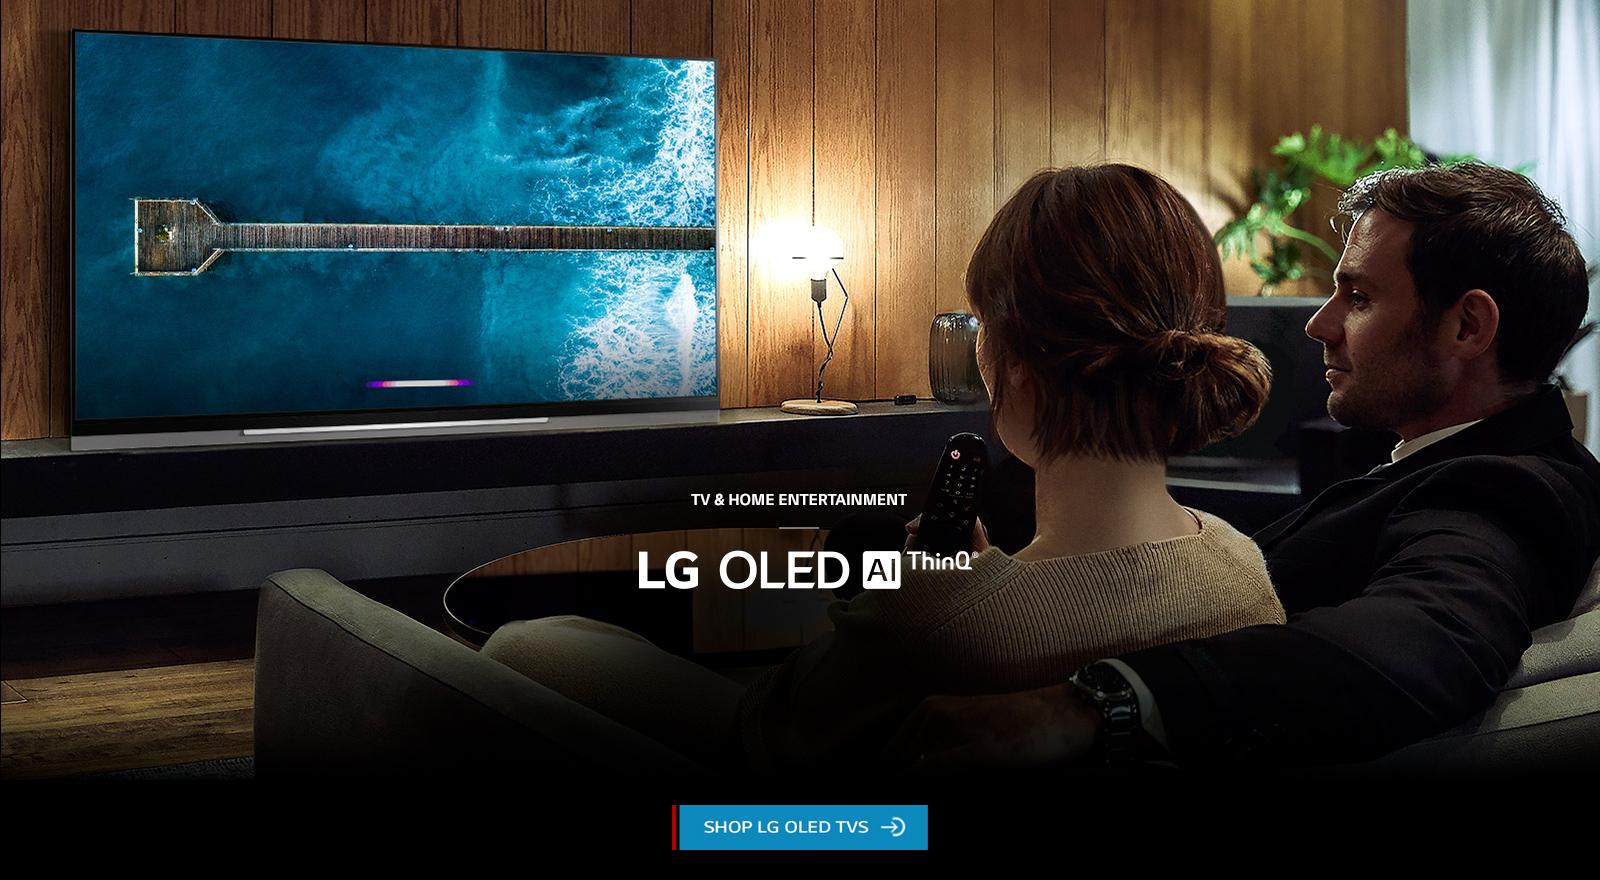 LG OLED AI ThinQ